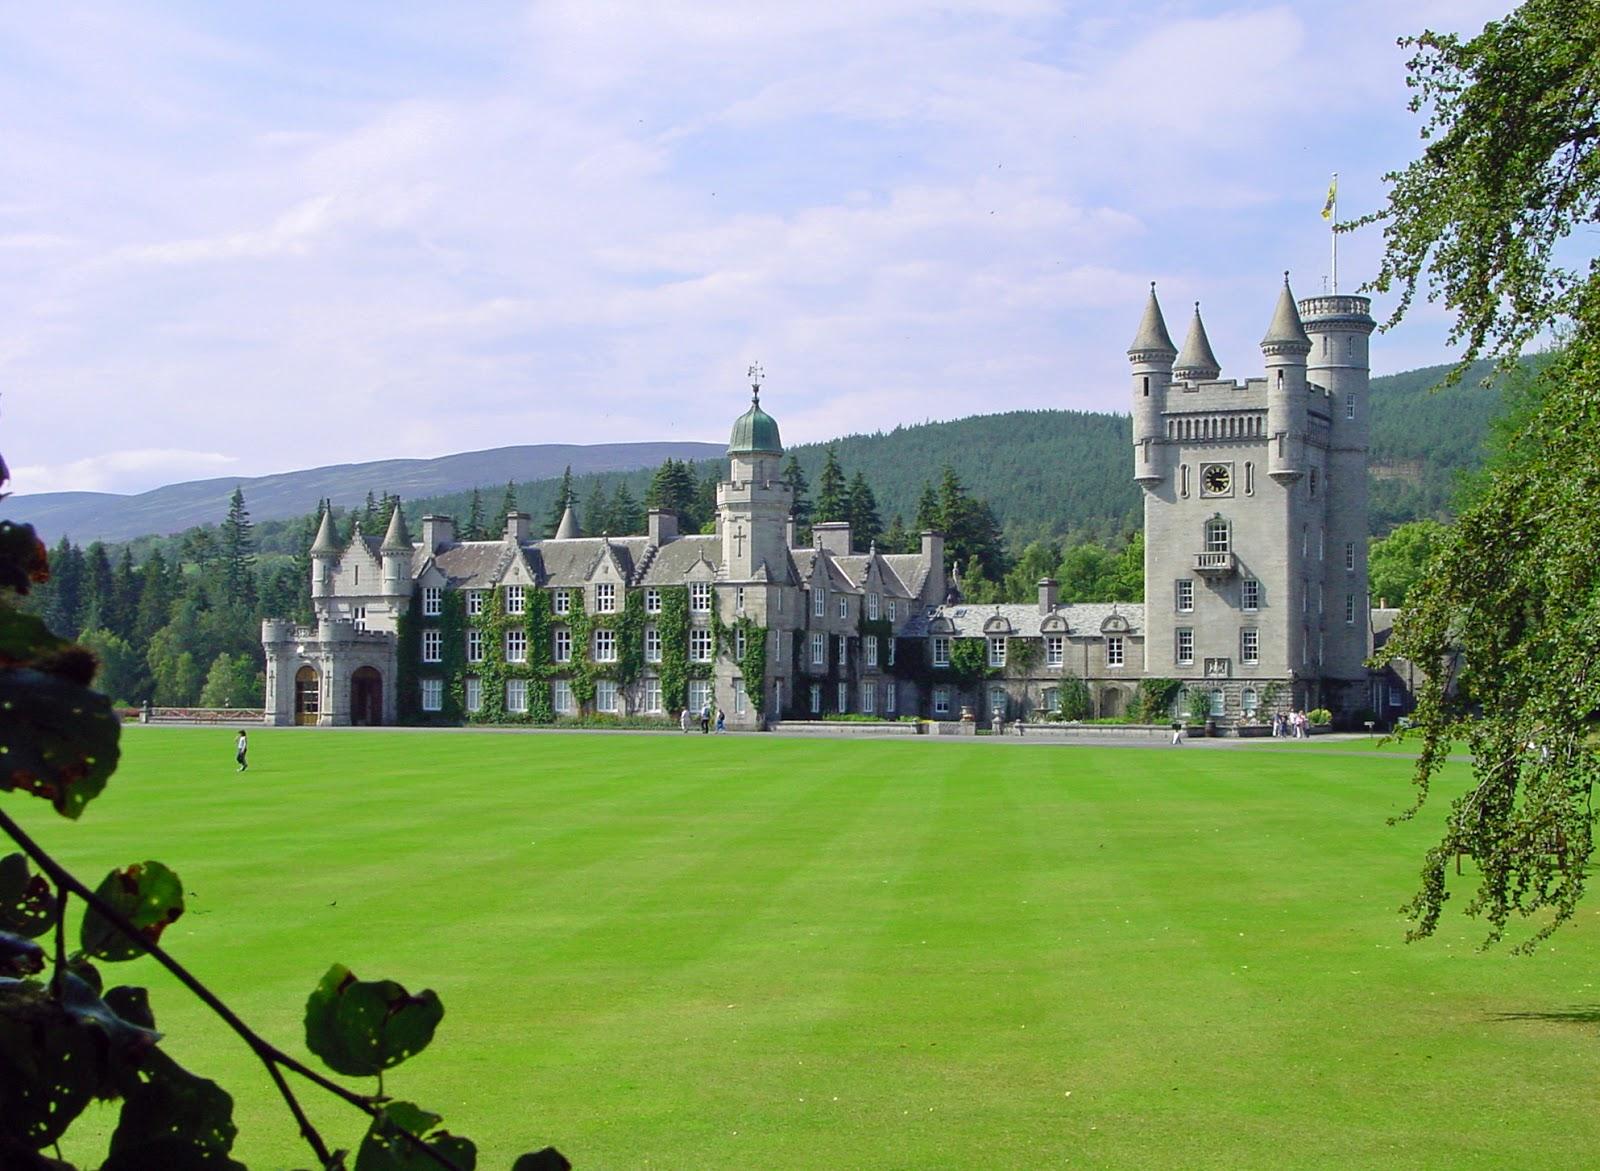 قلعة بالمورال بالمورال قلعة تعود ملكيتها إلى العائلة المالكة البريطانية، وتوجد في إقليم جرامبيان، في مقاطعة برايمار التابعة لجبال الجرامبيان في أسكتلندا. تقع على ضفاف نهر دي، وتبعد حوالي 80كم غربي أبَرْدين. اشترى الأمير أَلْبرْت هذه القلعة للعائلة المالكة وأعيد بناؤها في الفترة من 1853- 1855م. وتفتح القلعة أبوابها للسياحة في فصل الصيف.